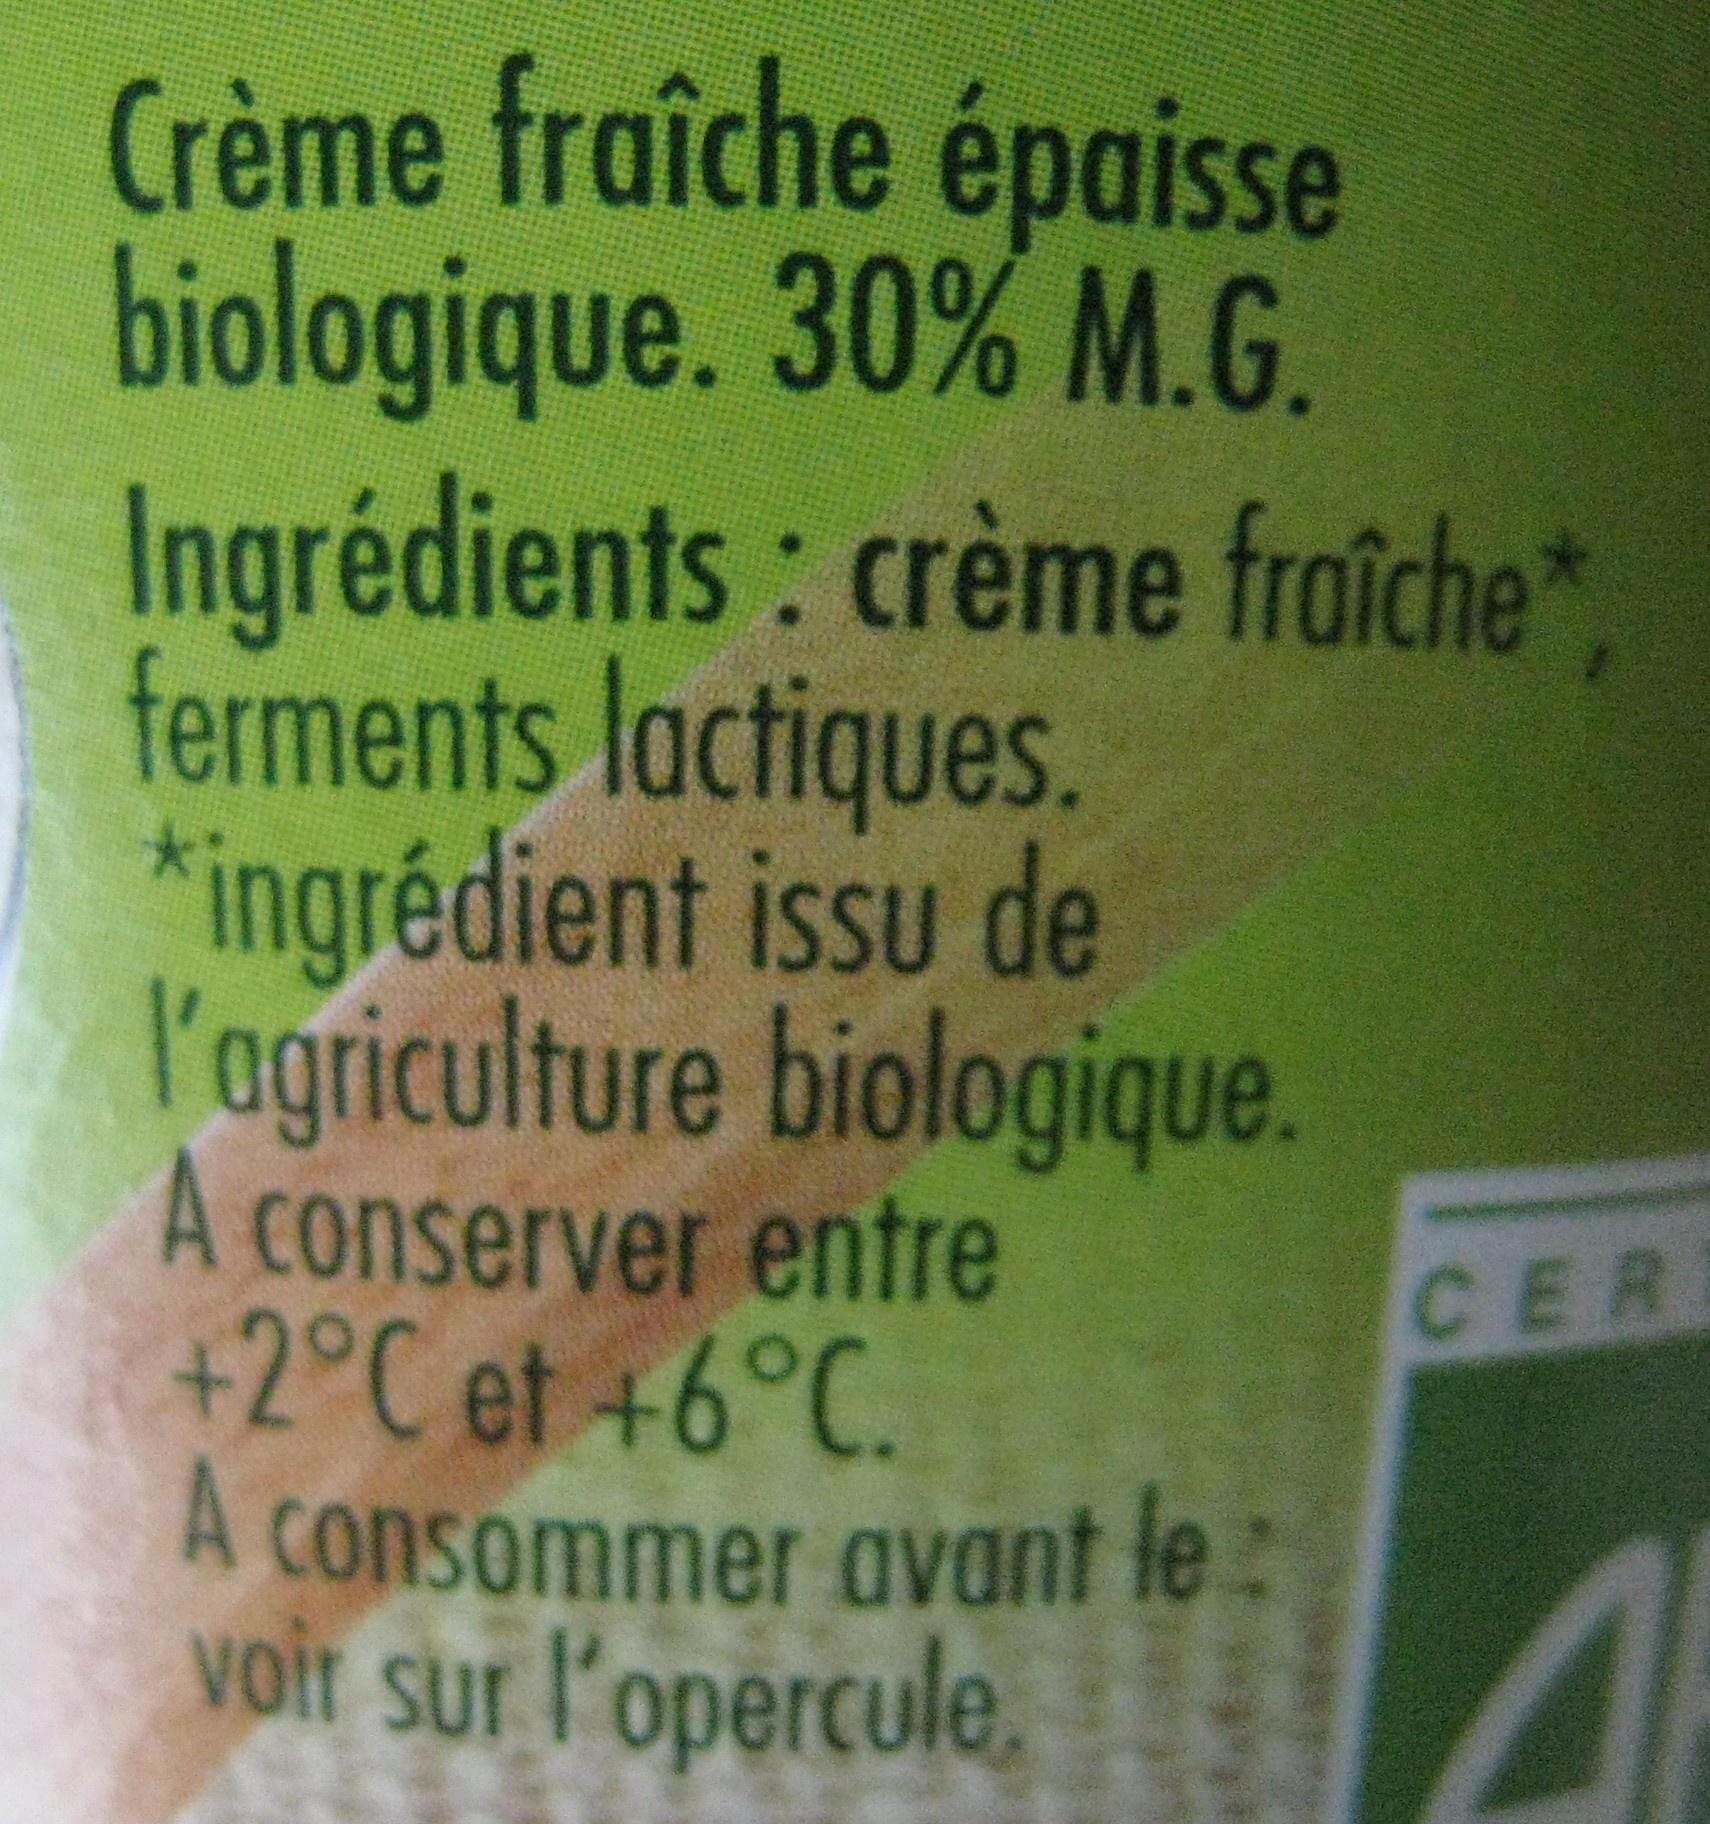 Crème fraîche épaisse 40 cl 30% de mat. gr. Bio nat' - Ingredients - fr